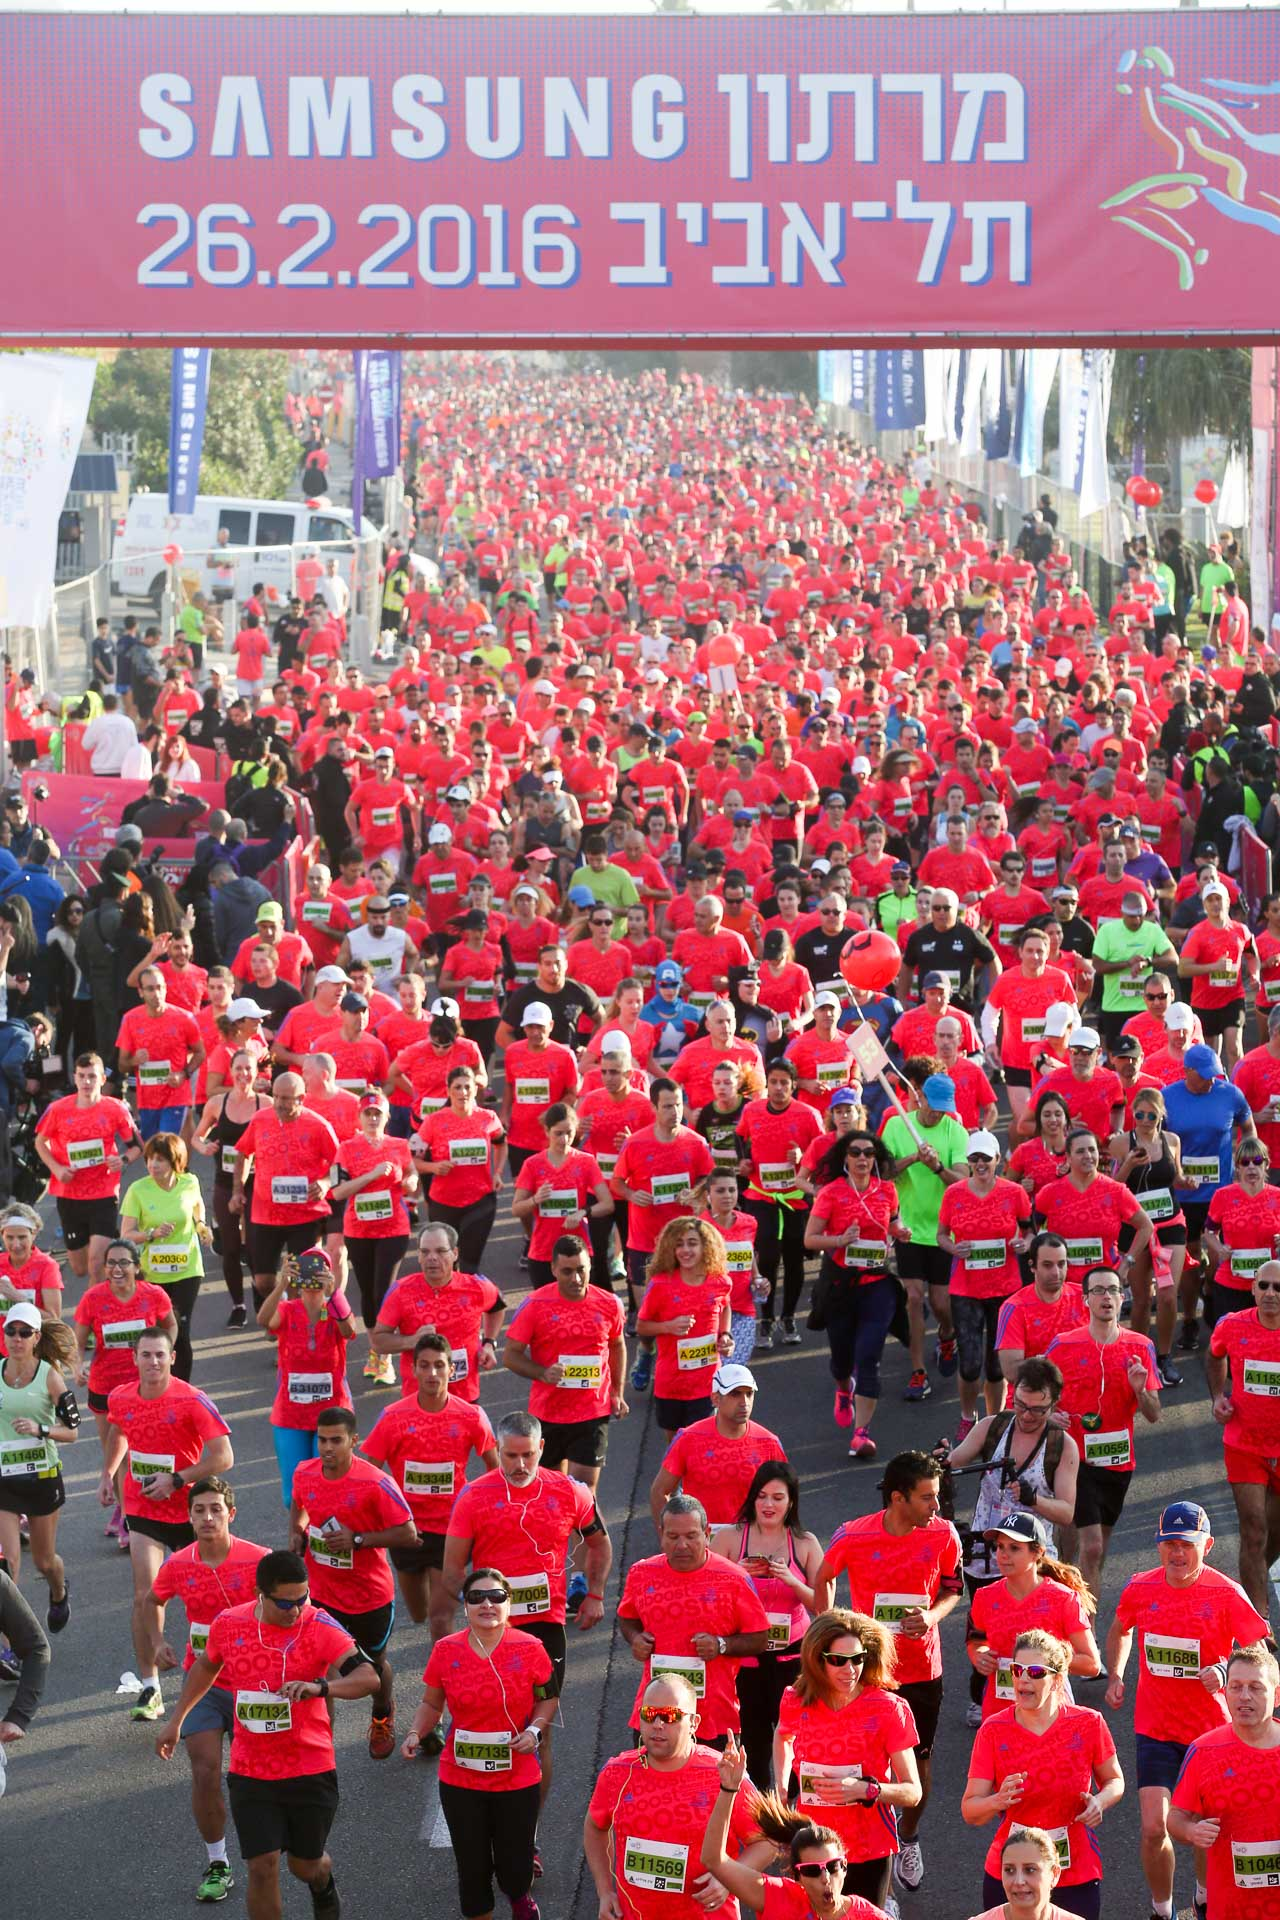 מרתון סמסונג תל-אביב